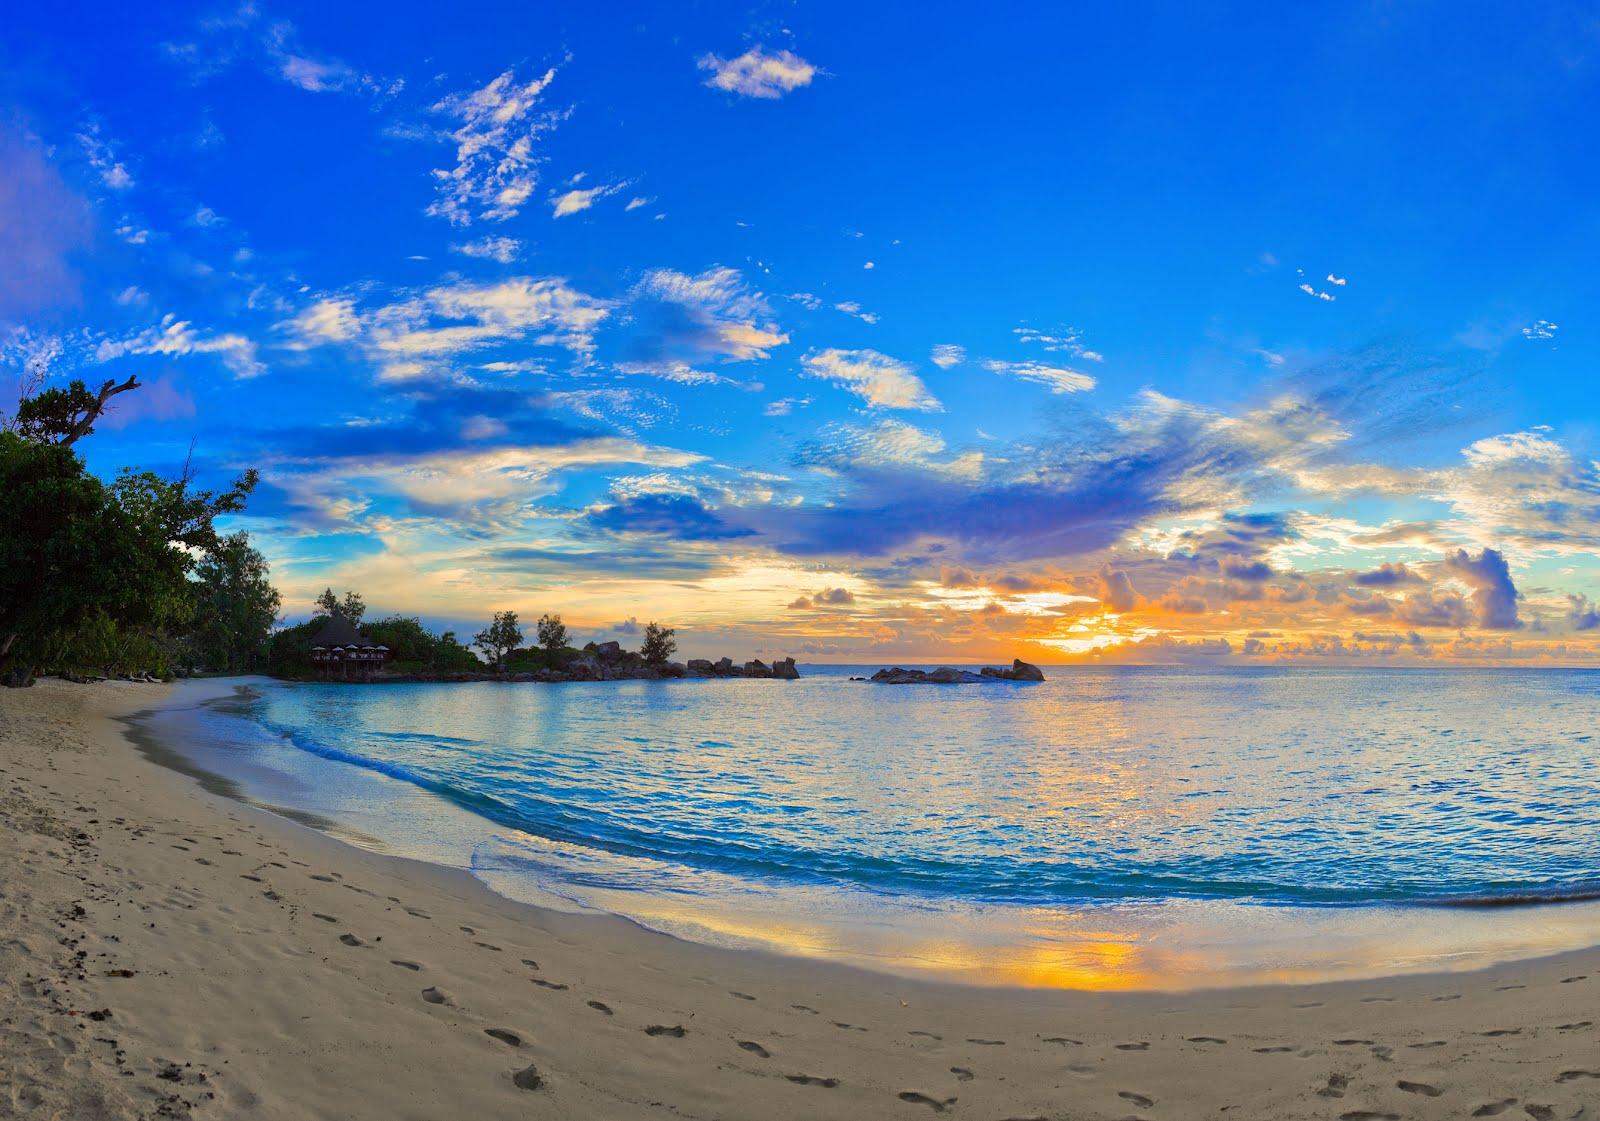 Playas al Atardecer, fotos de playas al atardecer, imagenes